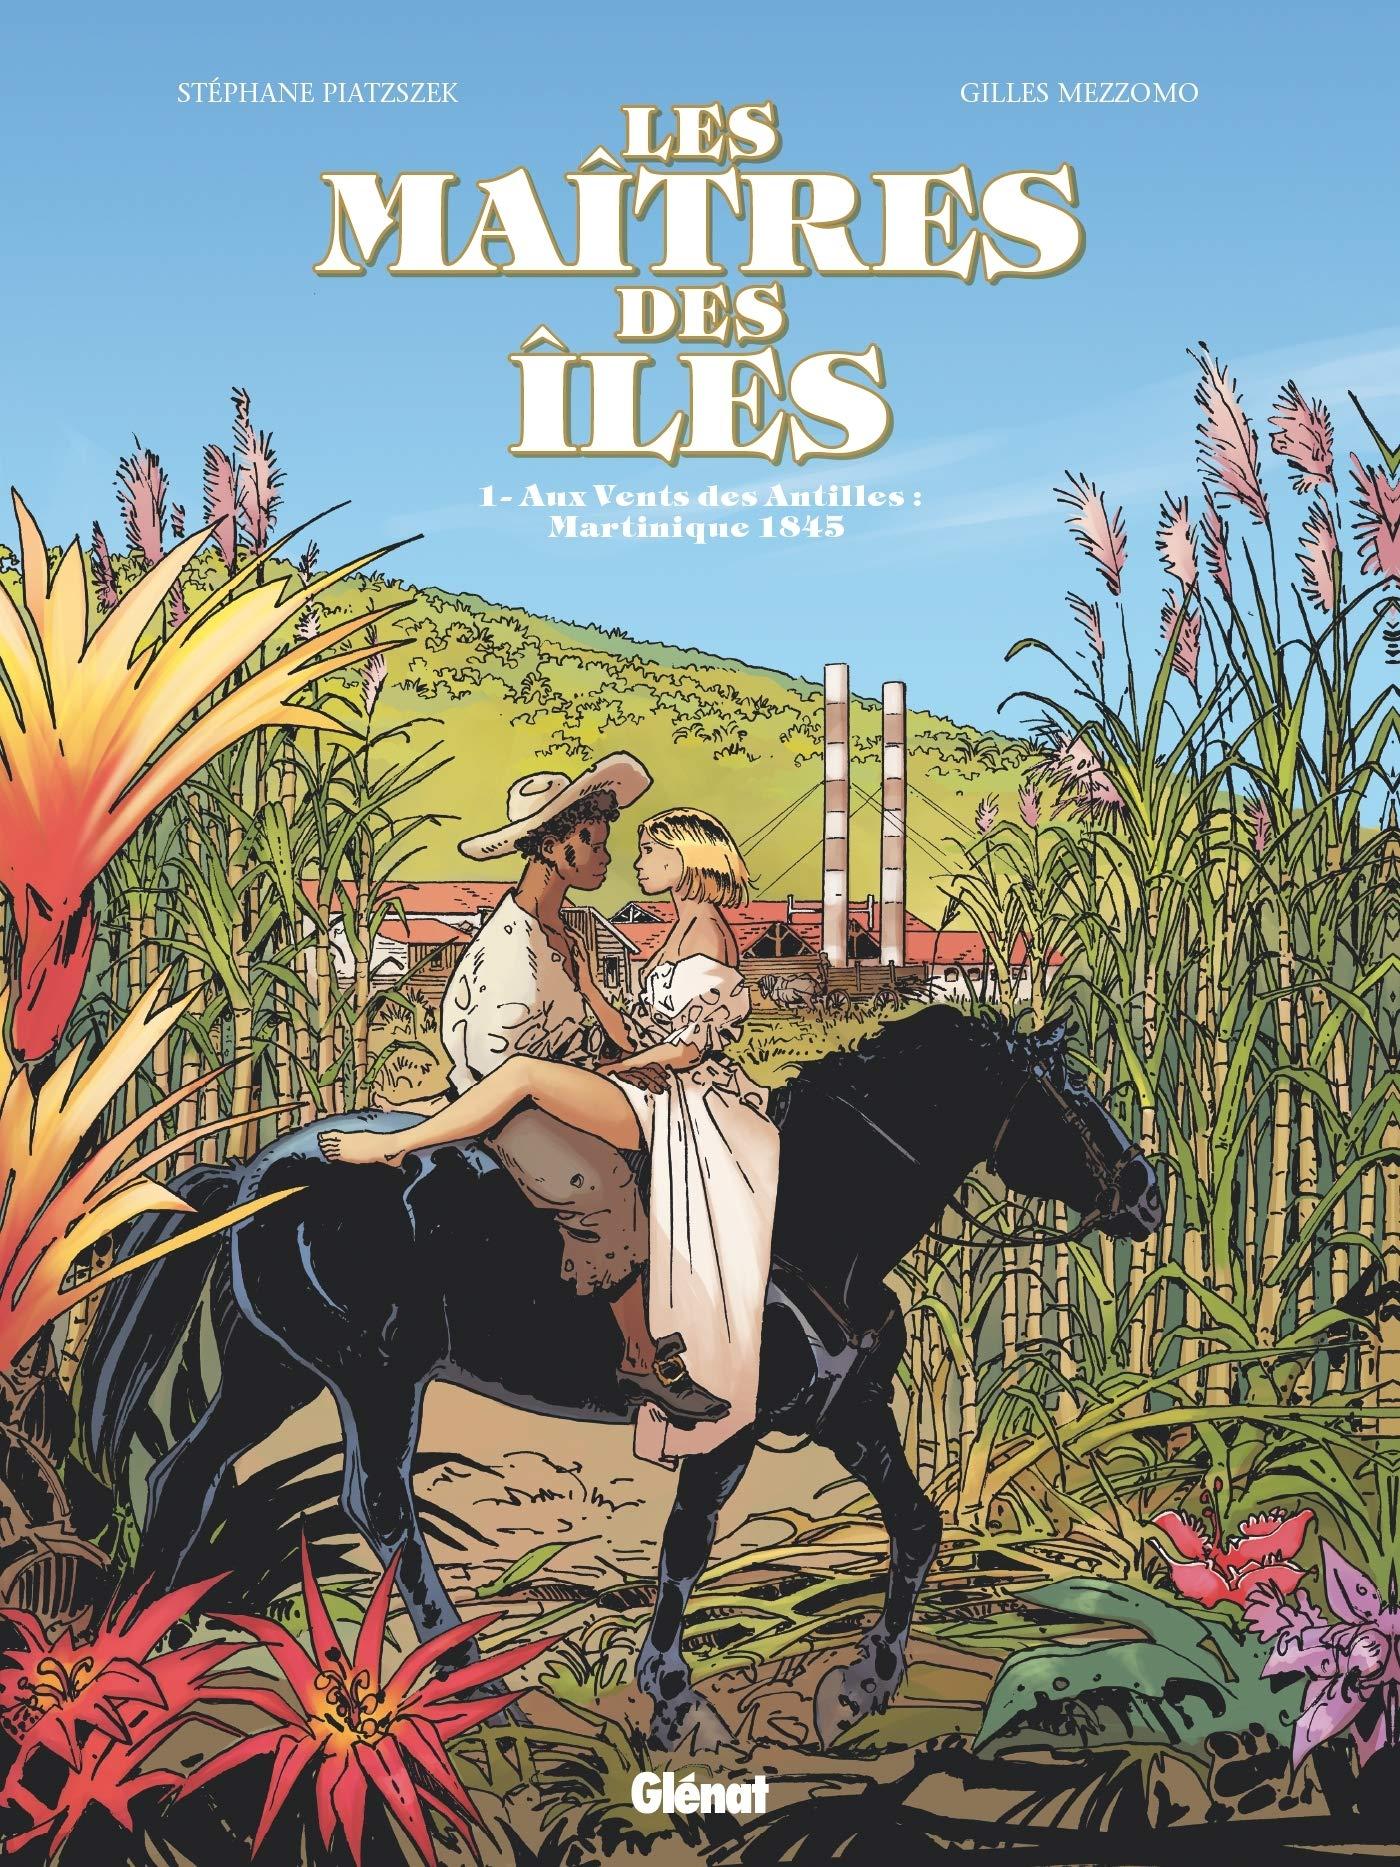 Les maîtres des Iles 1 - Aux vents des Antilles : Martinique 1846